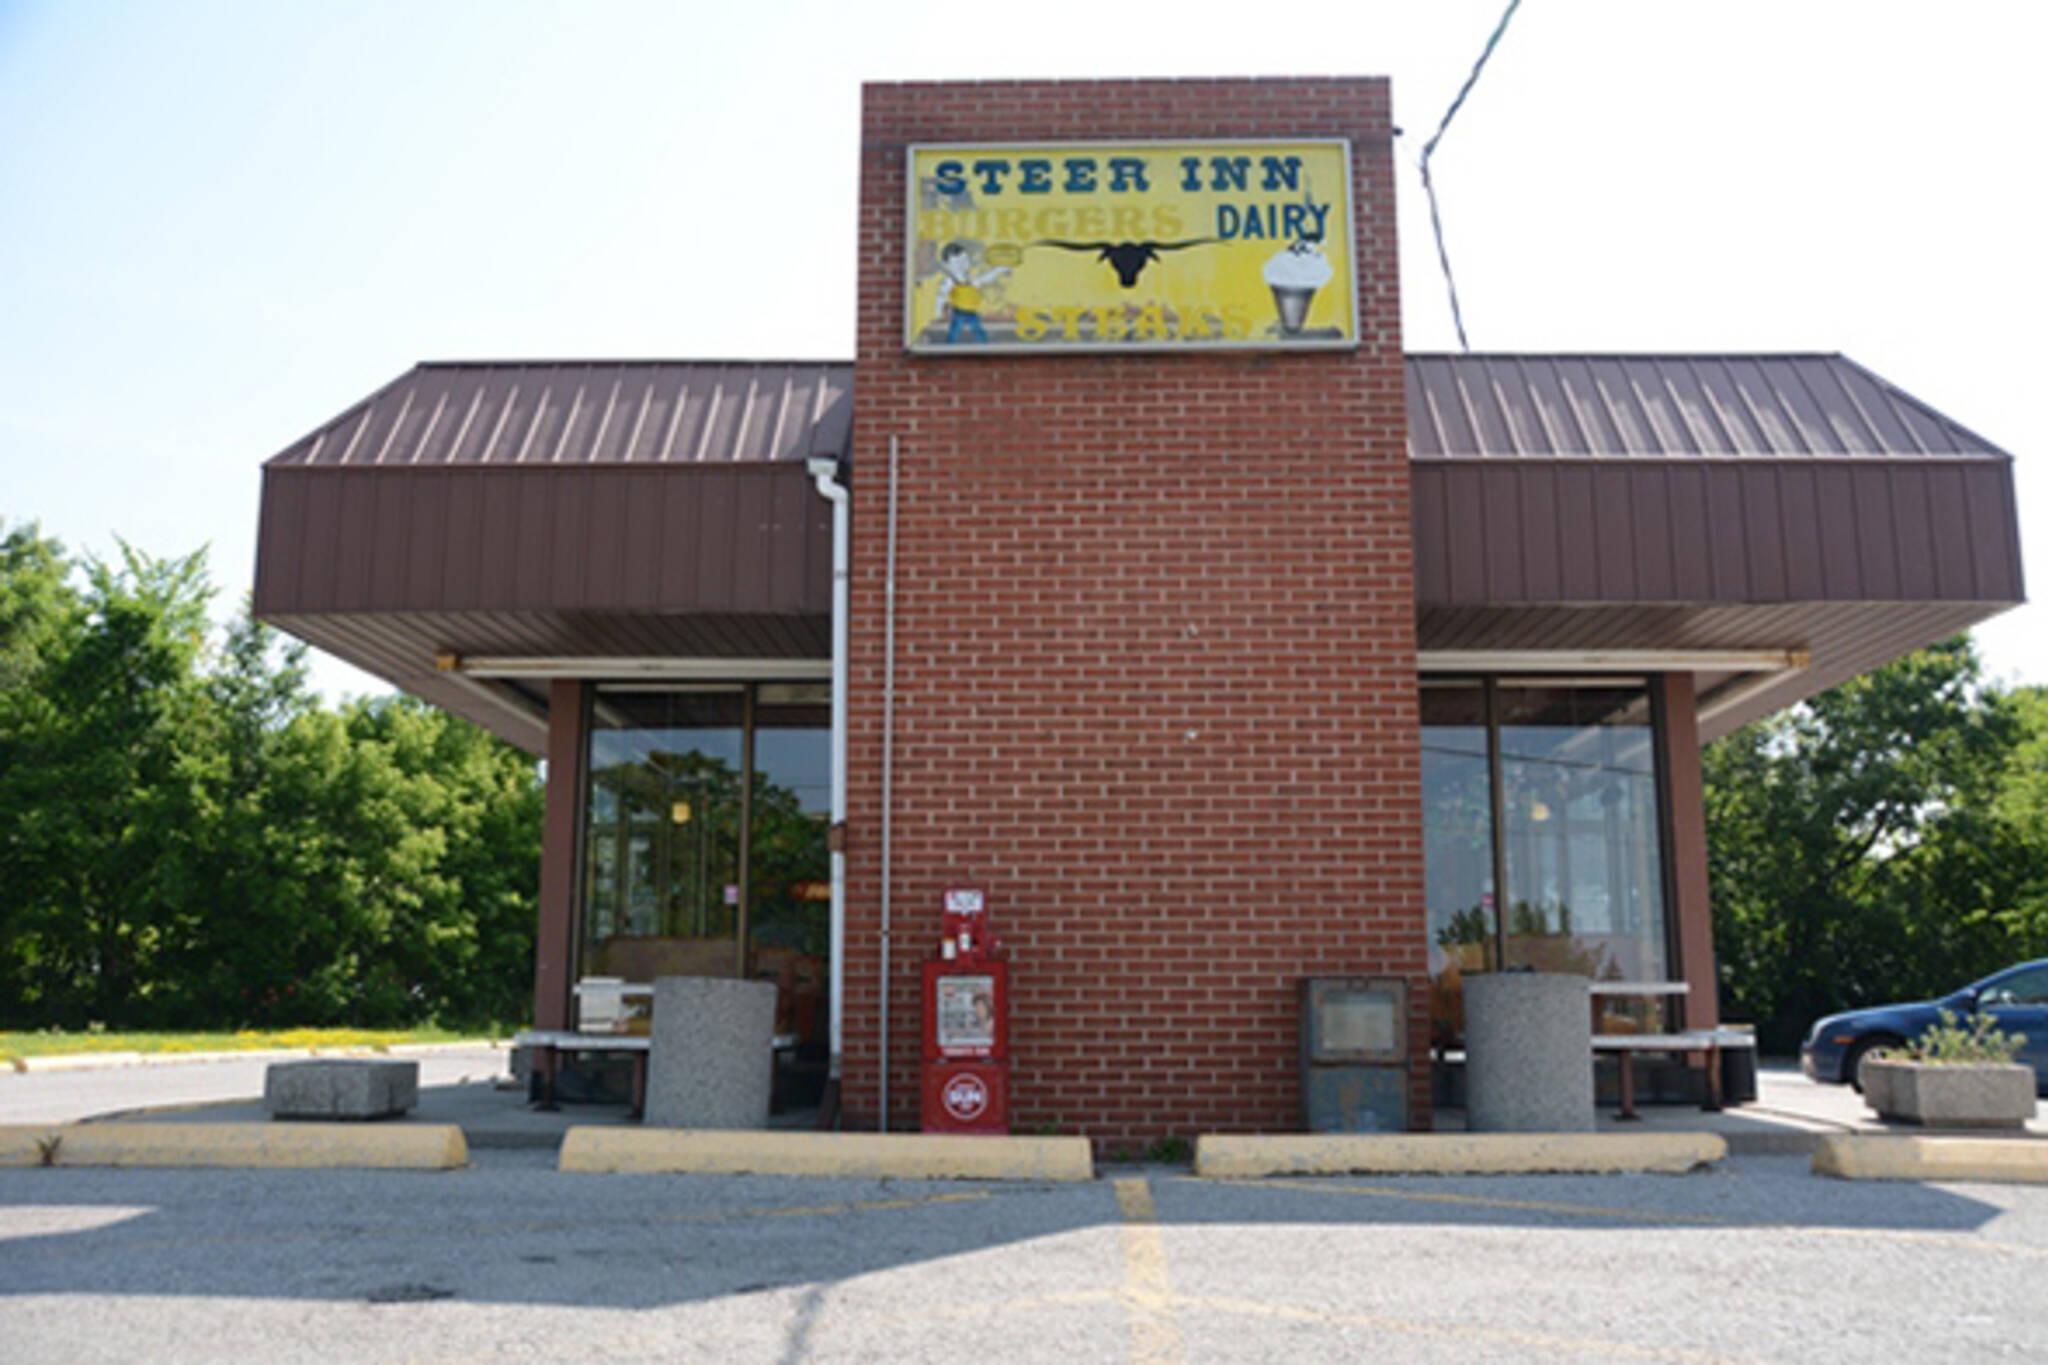 Steer Inn Burgers